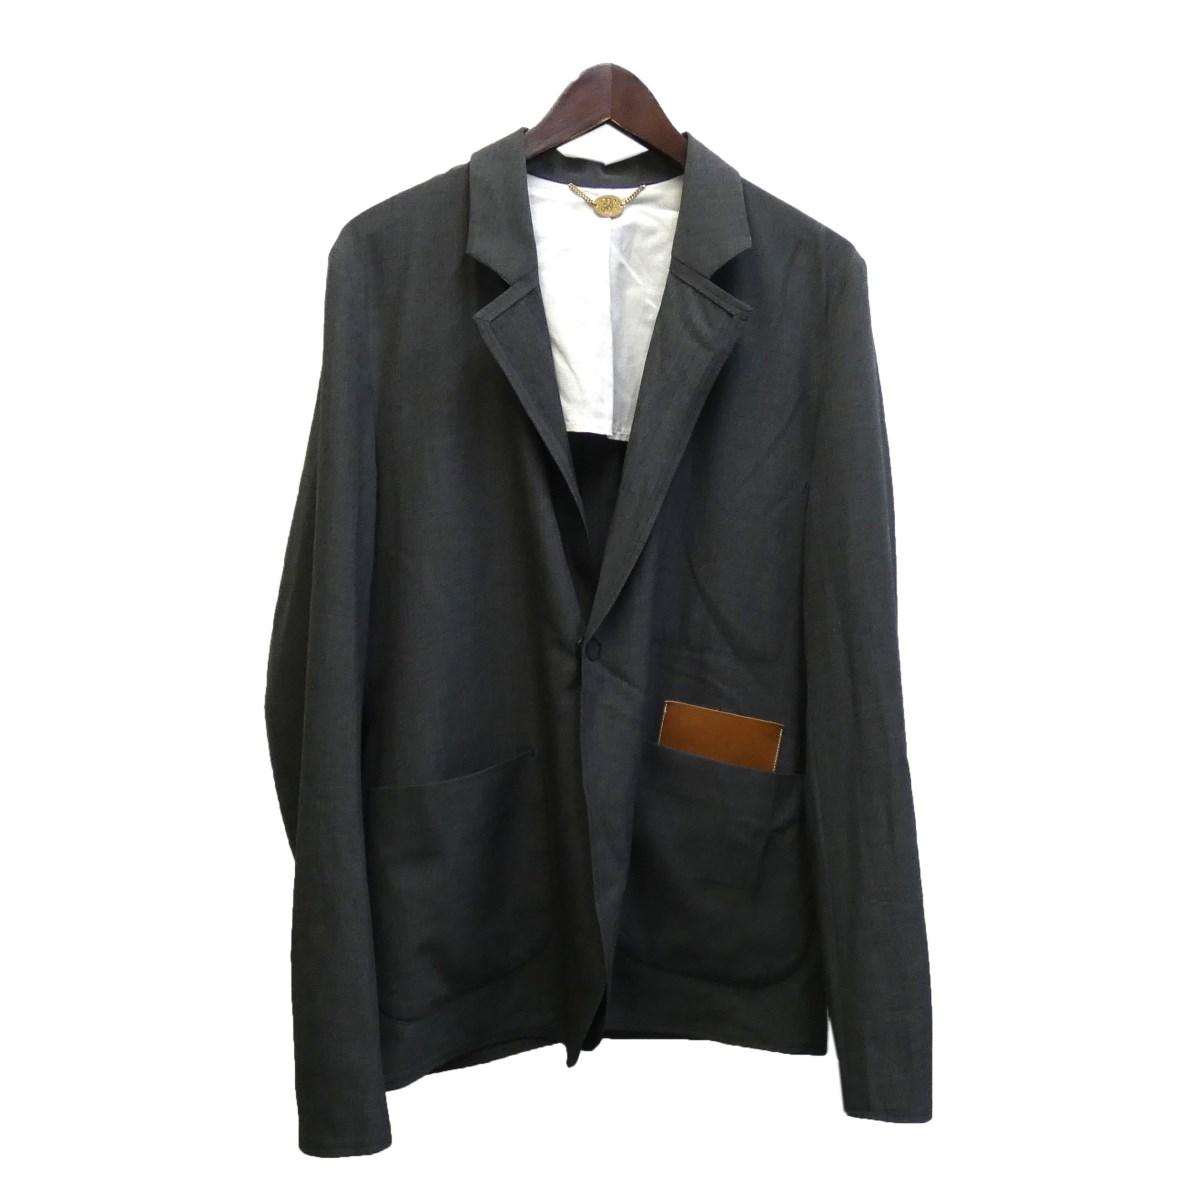 【中古】SUNSEA 18SS 「SNM BLUE-JACKET」 ジャケット グレー サイズ:2 【040320】(サンシー)